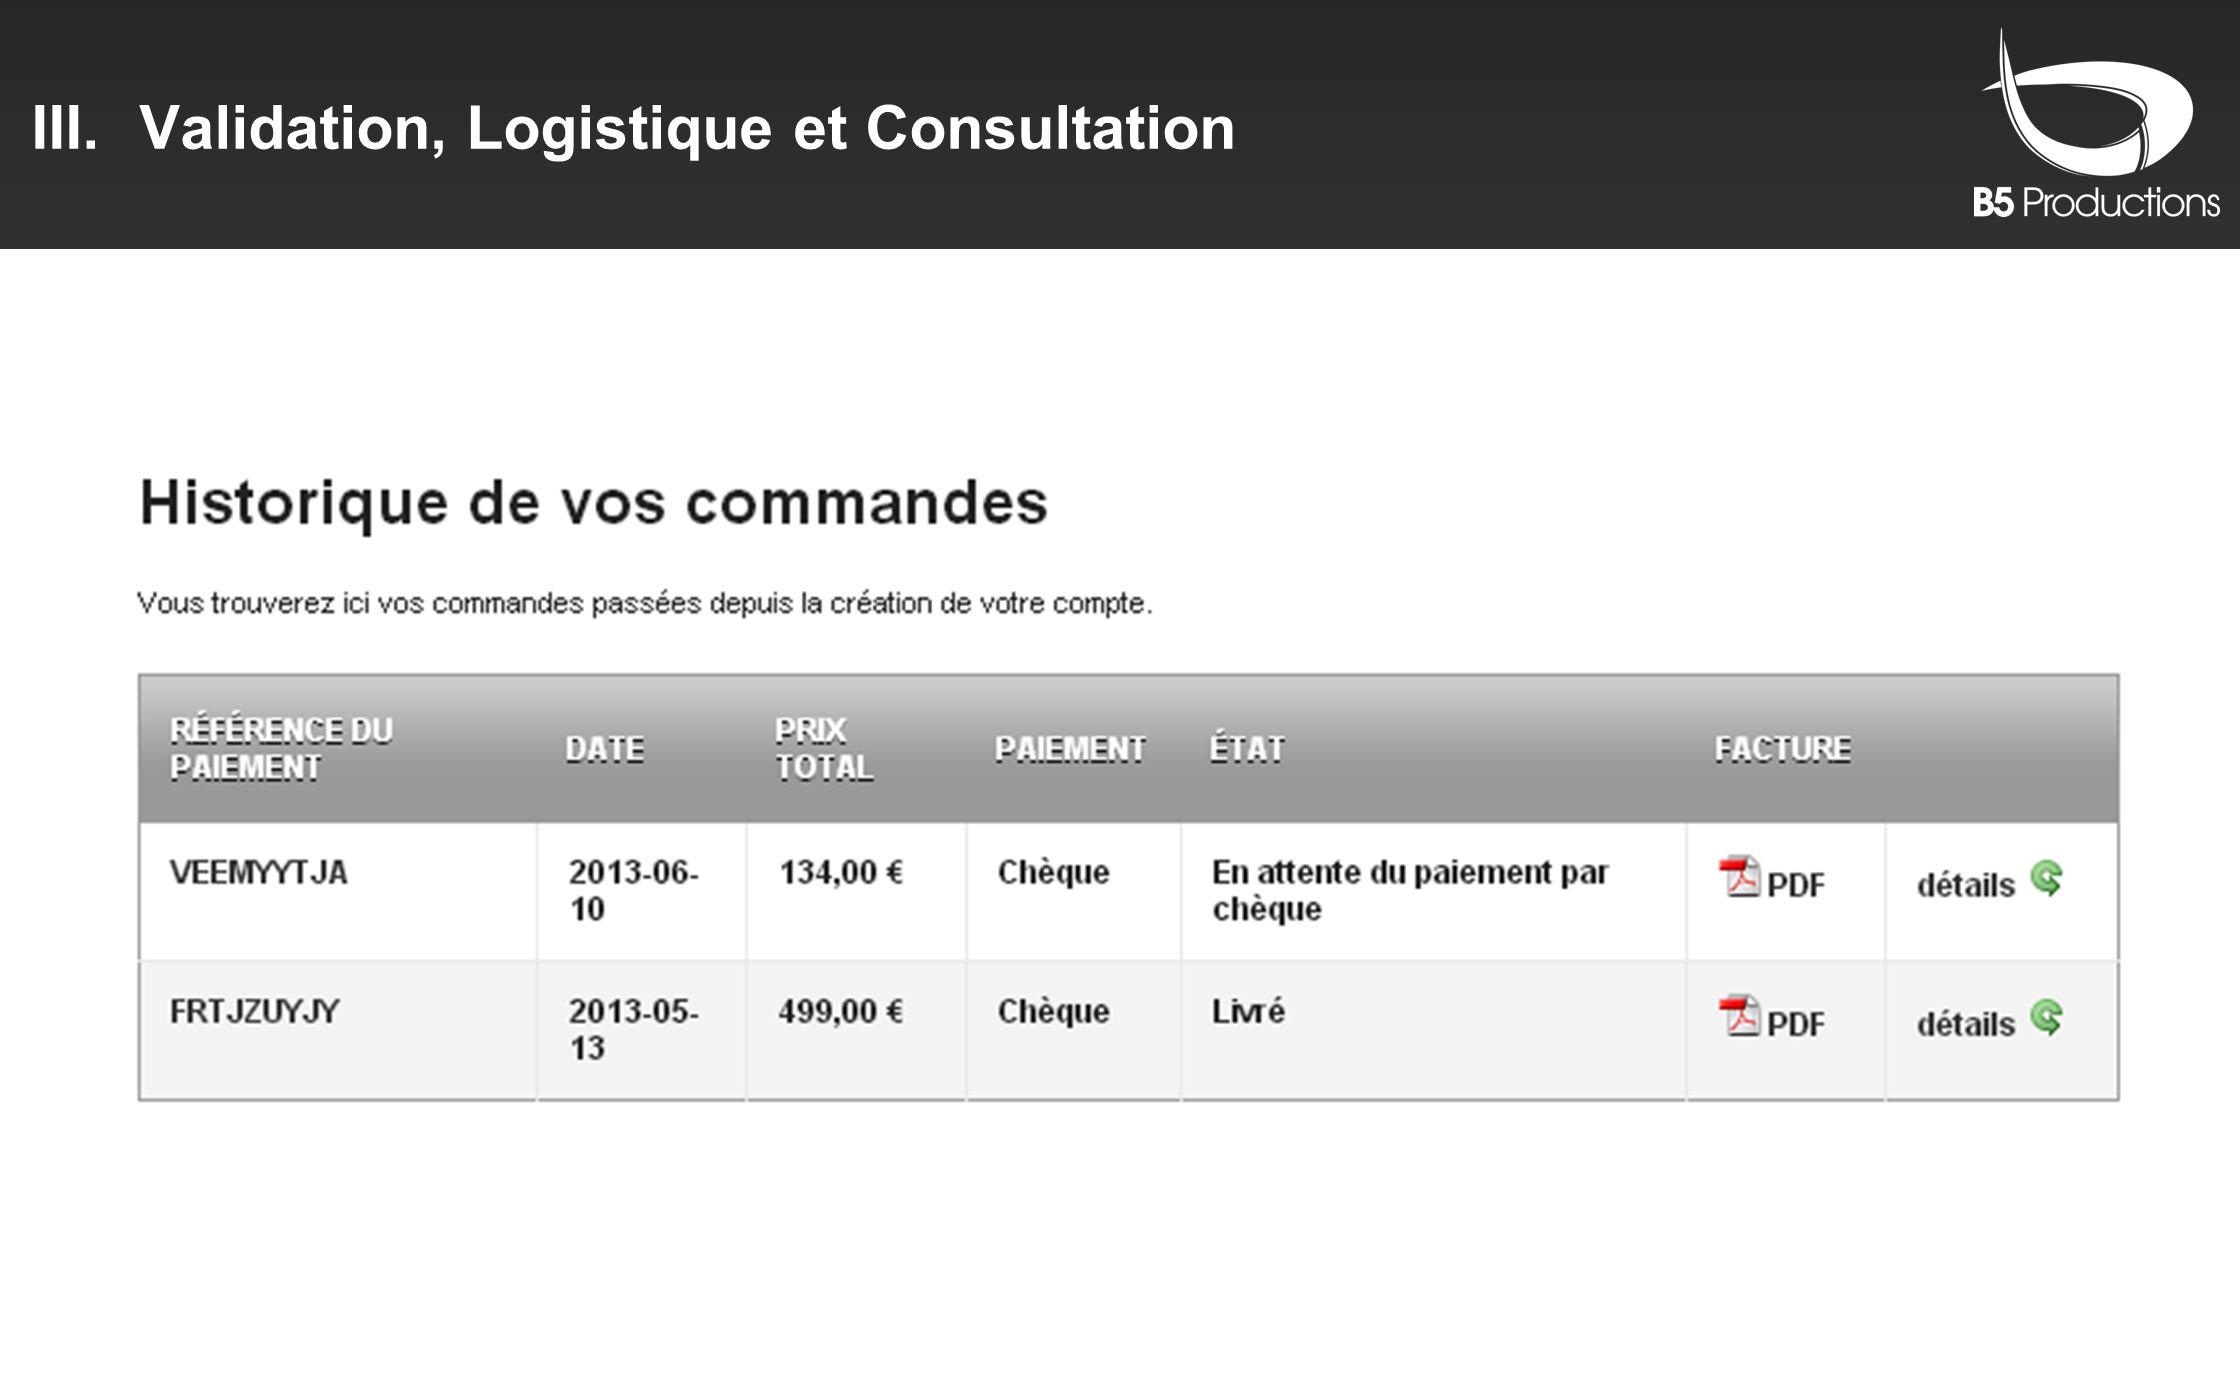 III.Validation, Logistique et Consultation